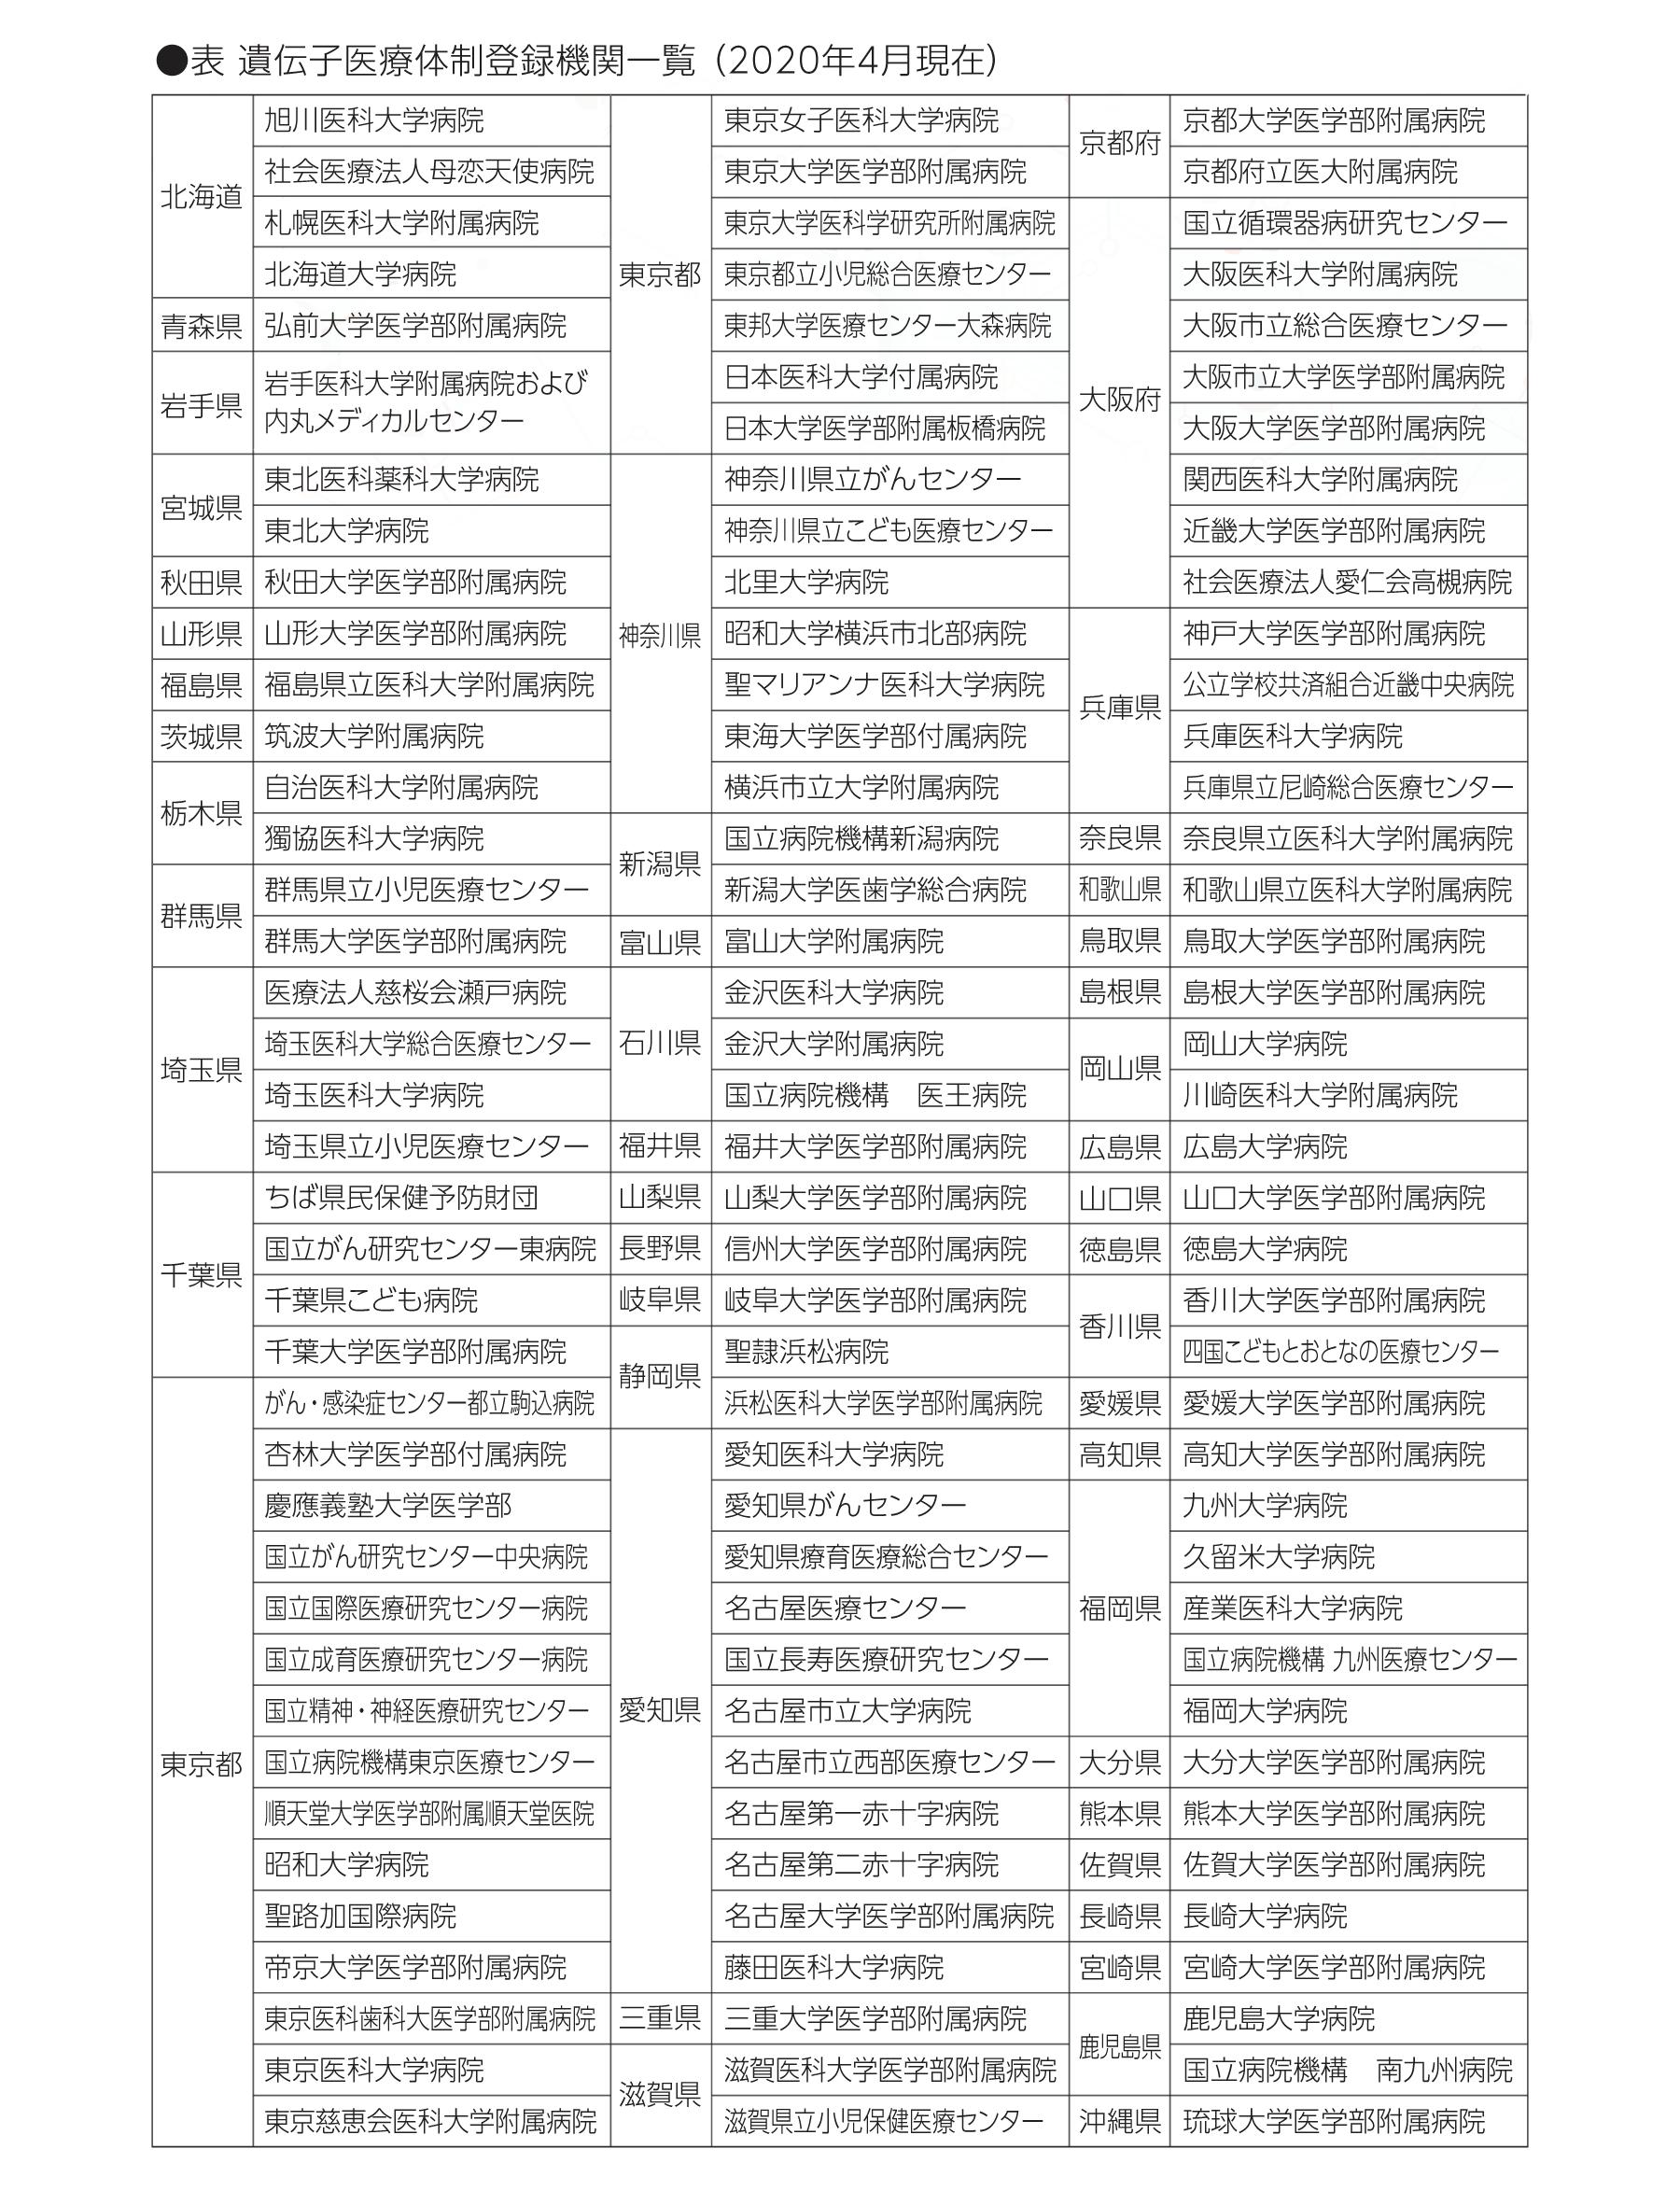 表 遺伝子医療体制登録機関一覧 (2020年4月現在)